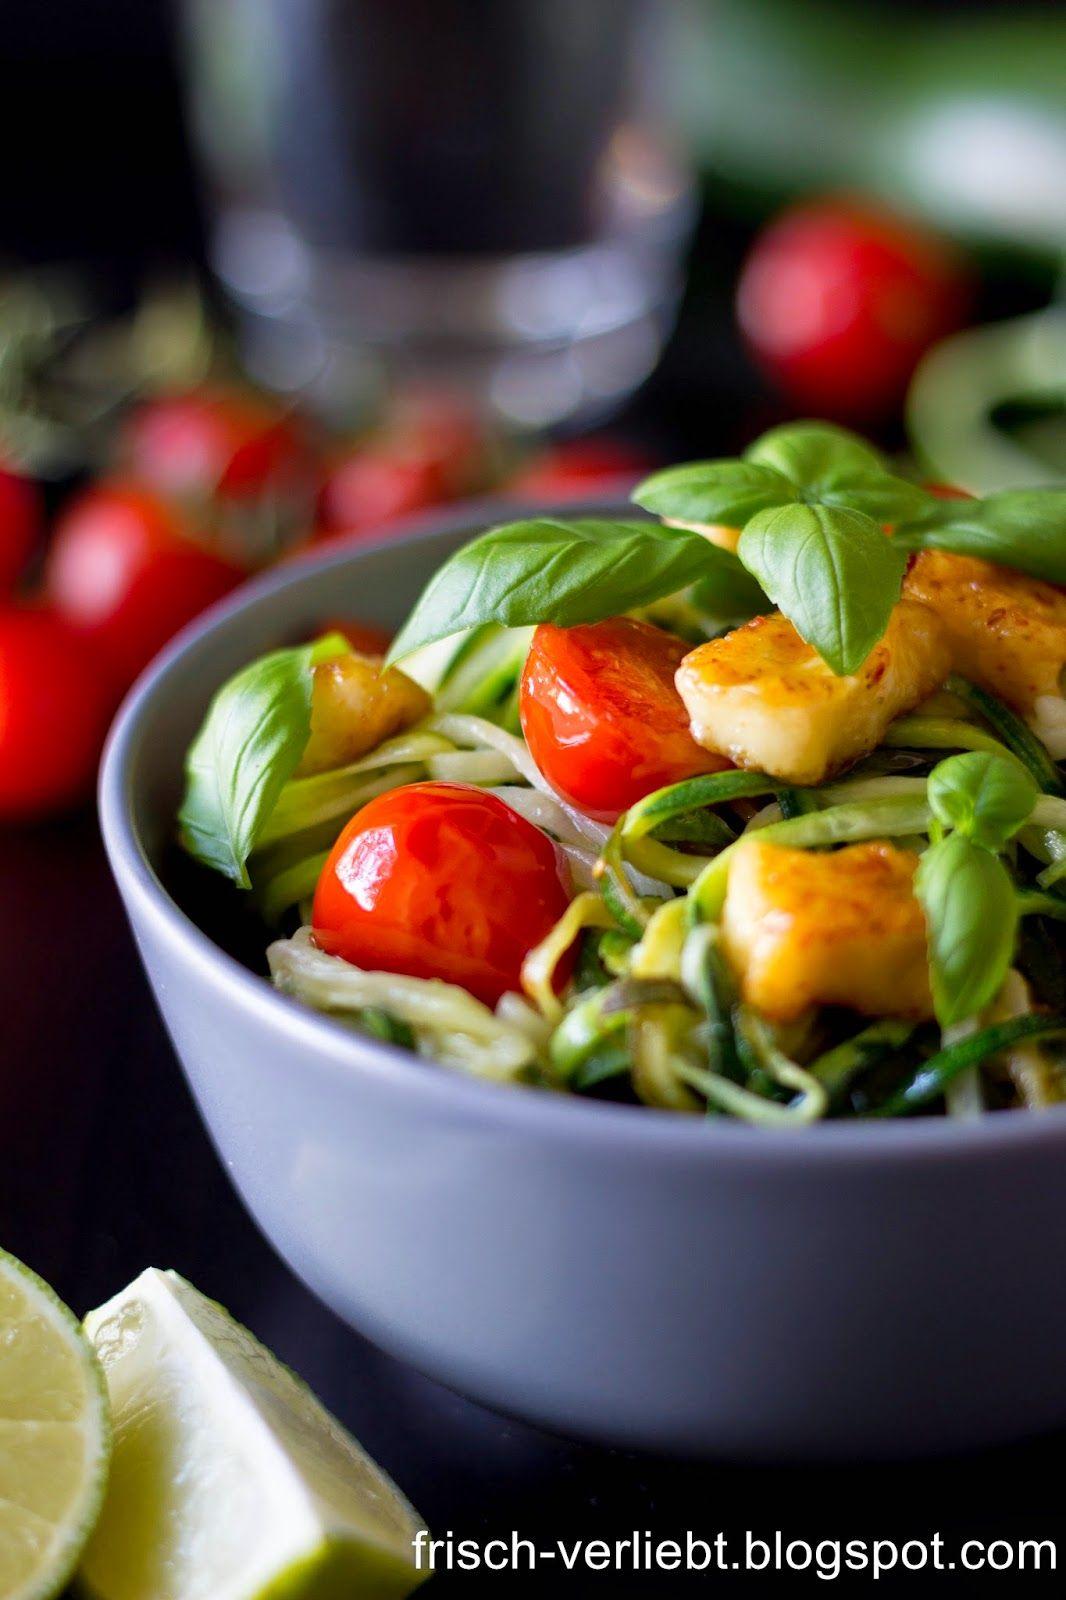 nudeln aus gem se zucchini spaghetti mit tomaten und halloumi by frisch verliebt. Black Bedroom Furniture Sets. Home Design Ideas